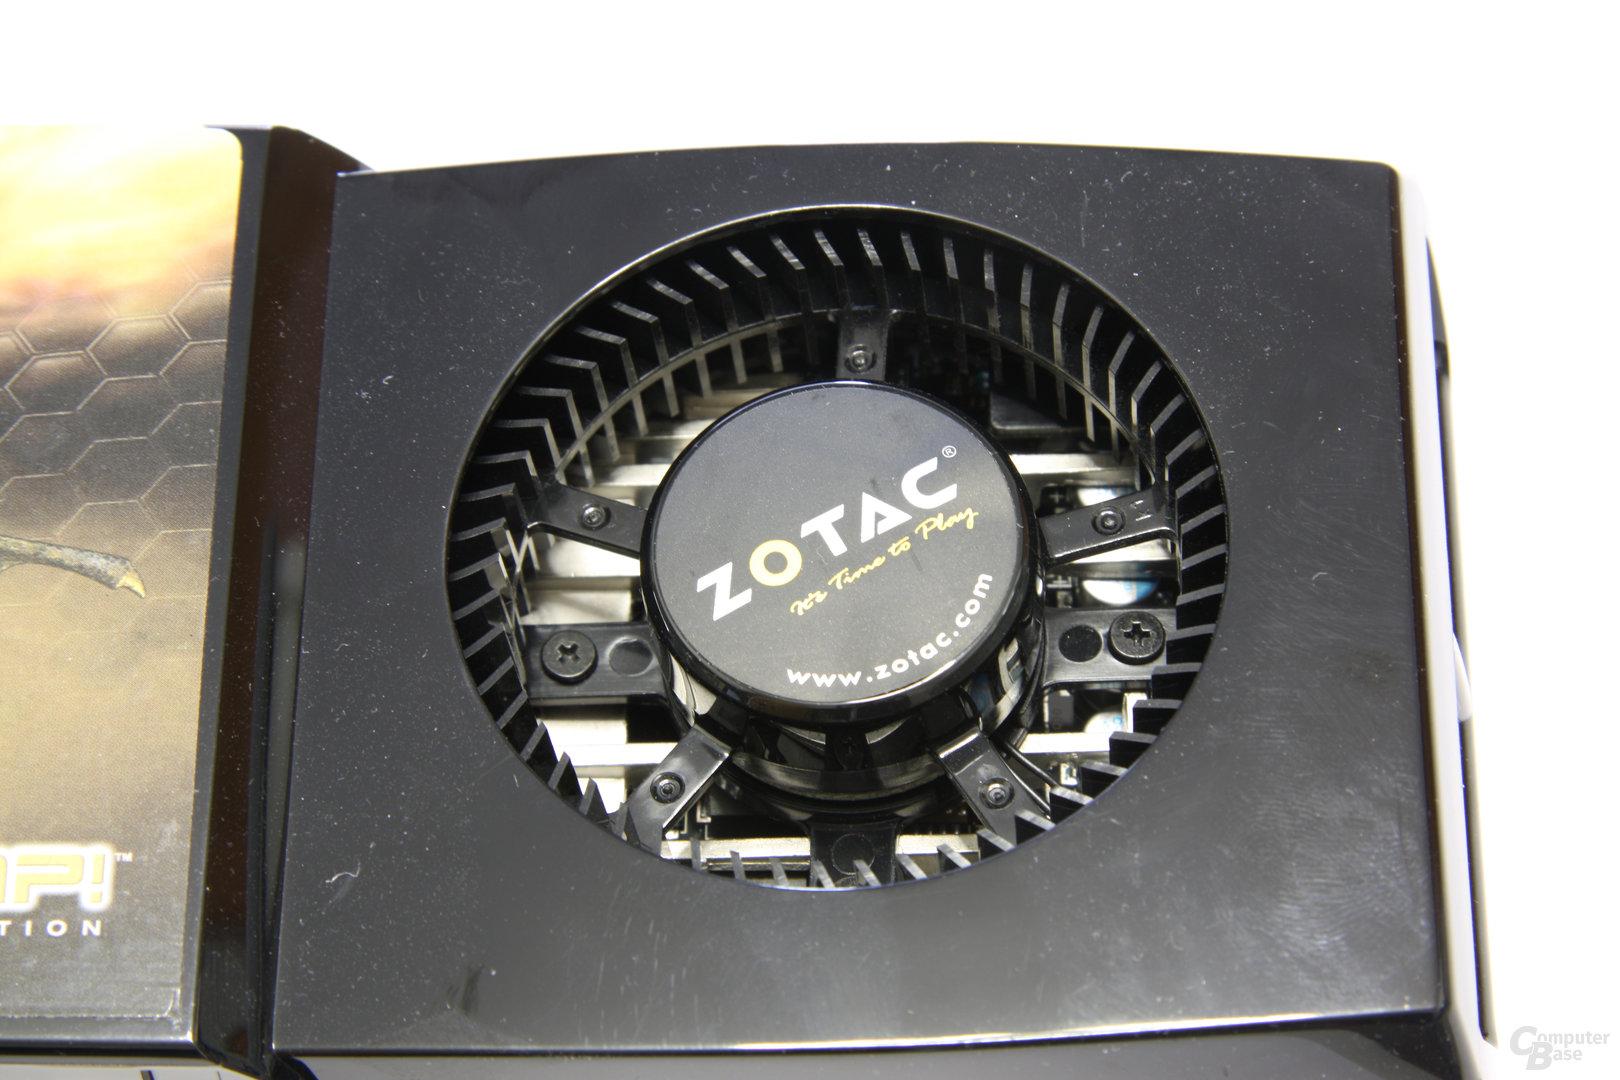 Zotac GeForce GTX 285 AMP! Lüfter